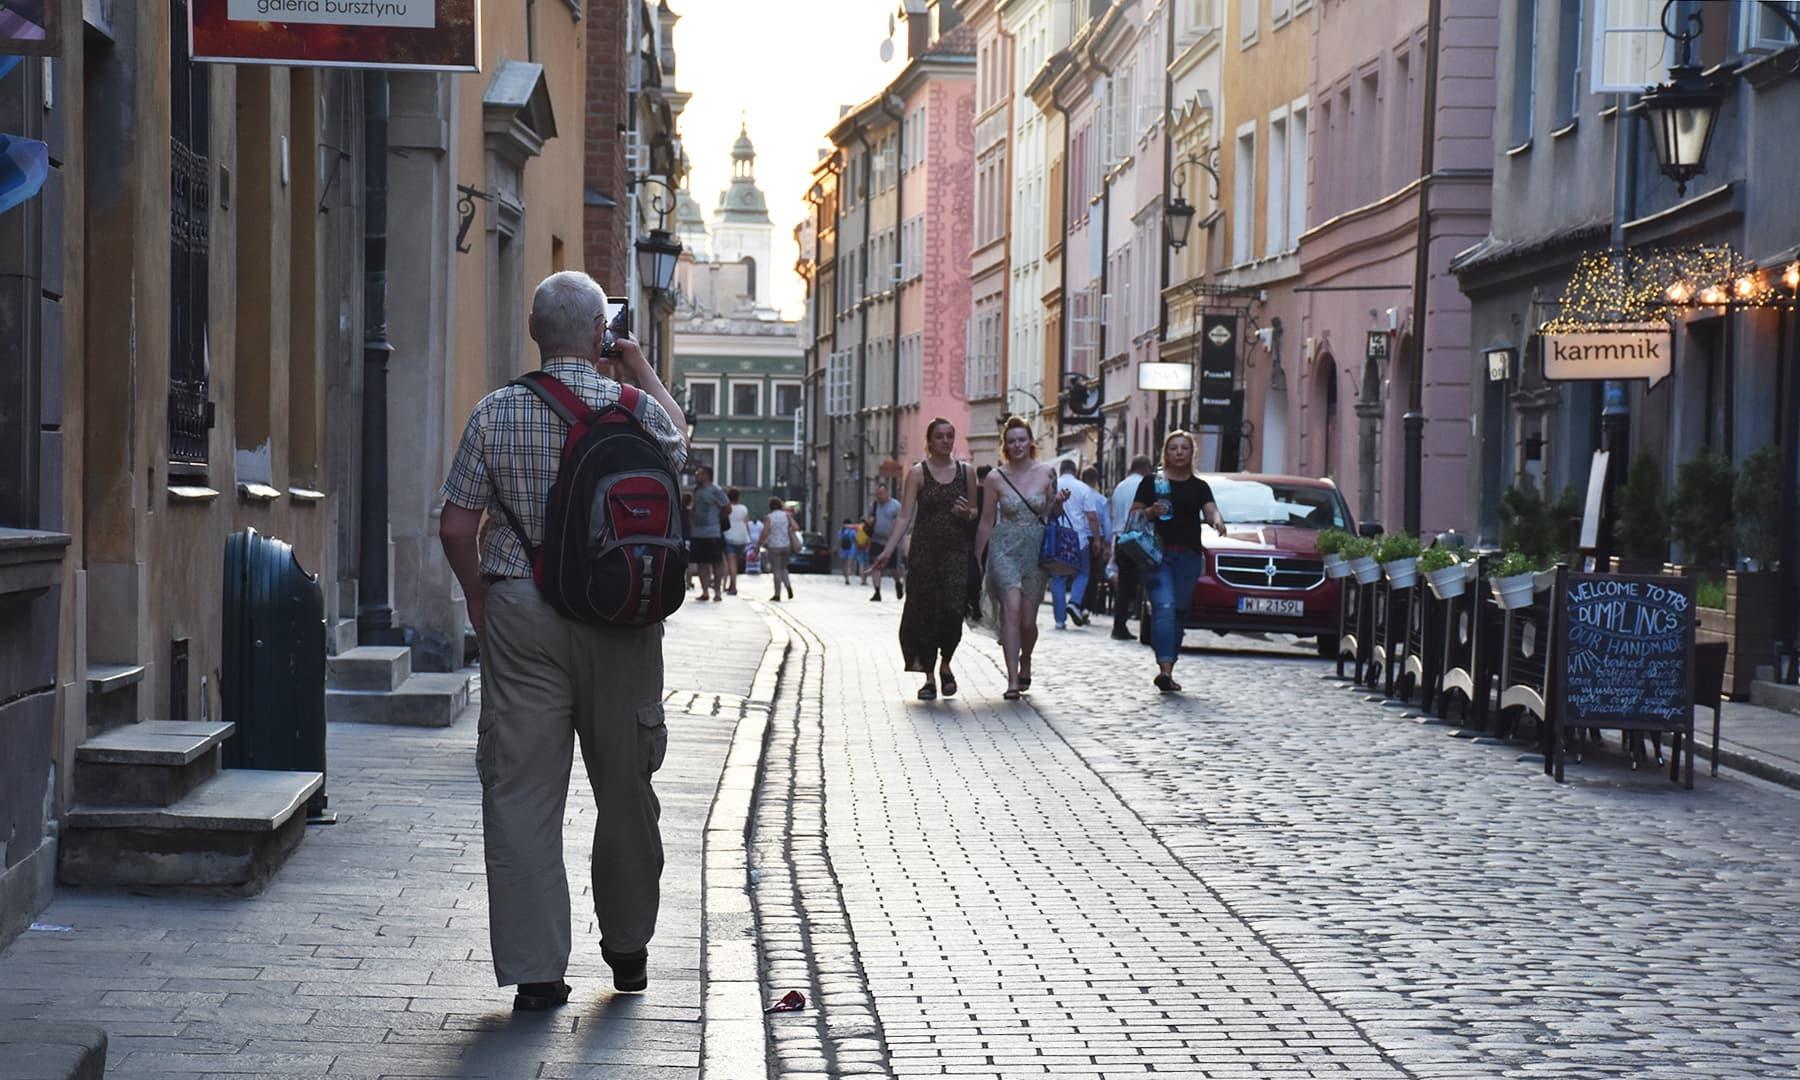 یورپ کے شہروں اور لوگوں کا رنگ گرم موسم میں خوب سامنے آیا